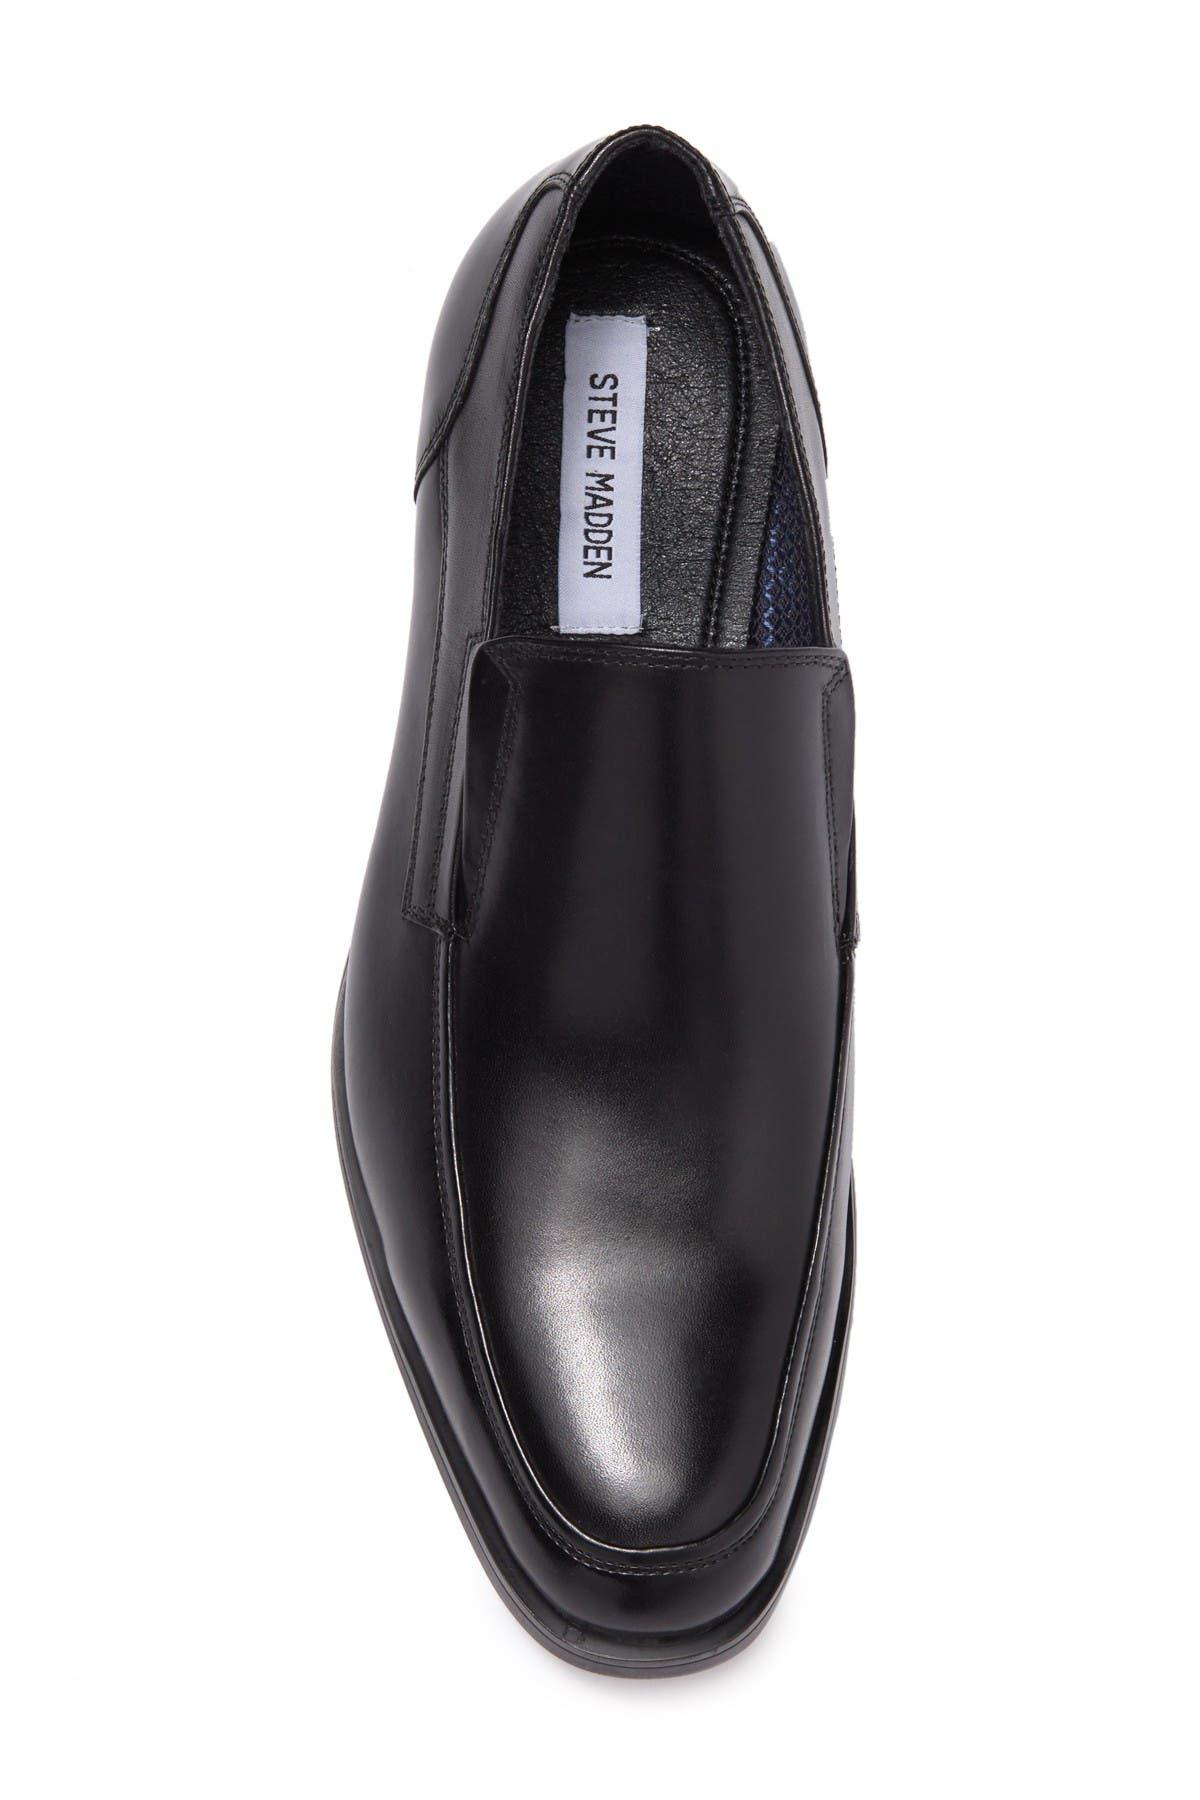 Steve Madden Yoke Slip-On Leather Loafer